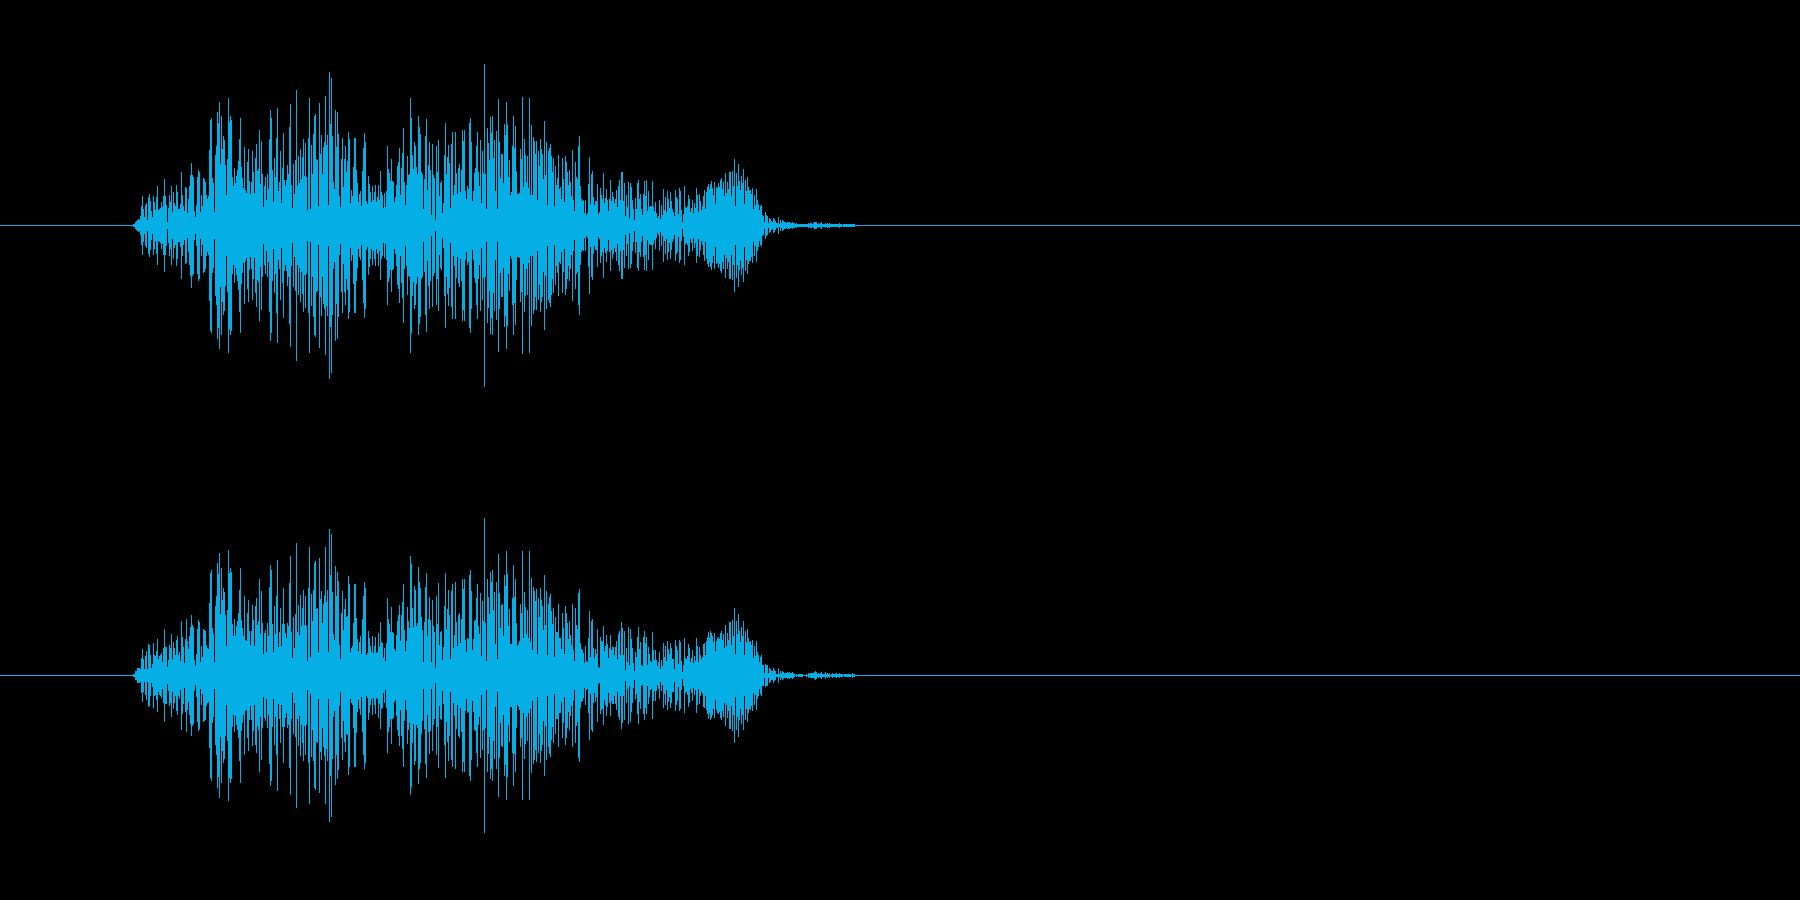 キュッという摩擦系の音の再生済みの波形